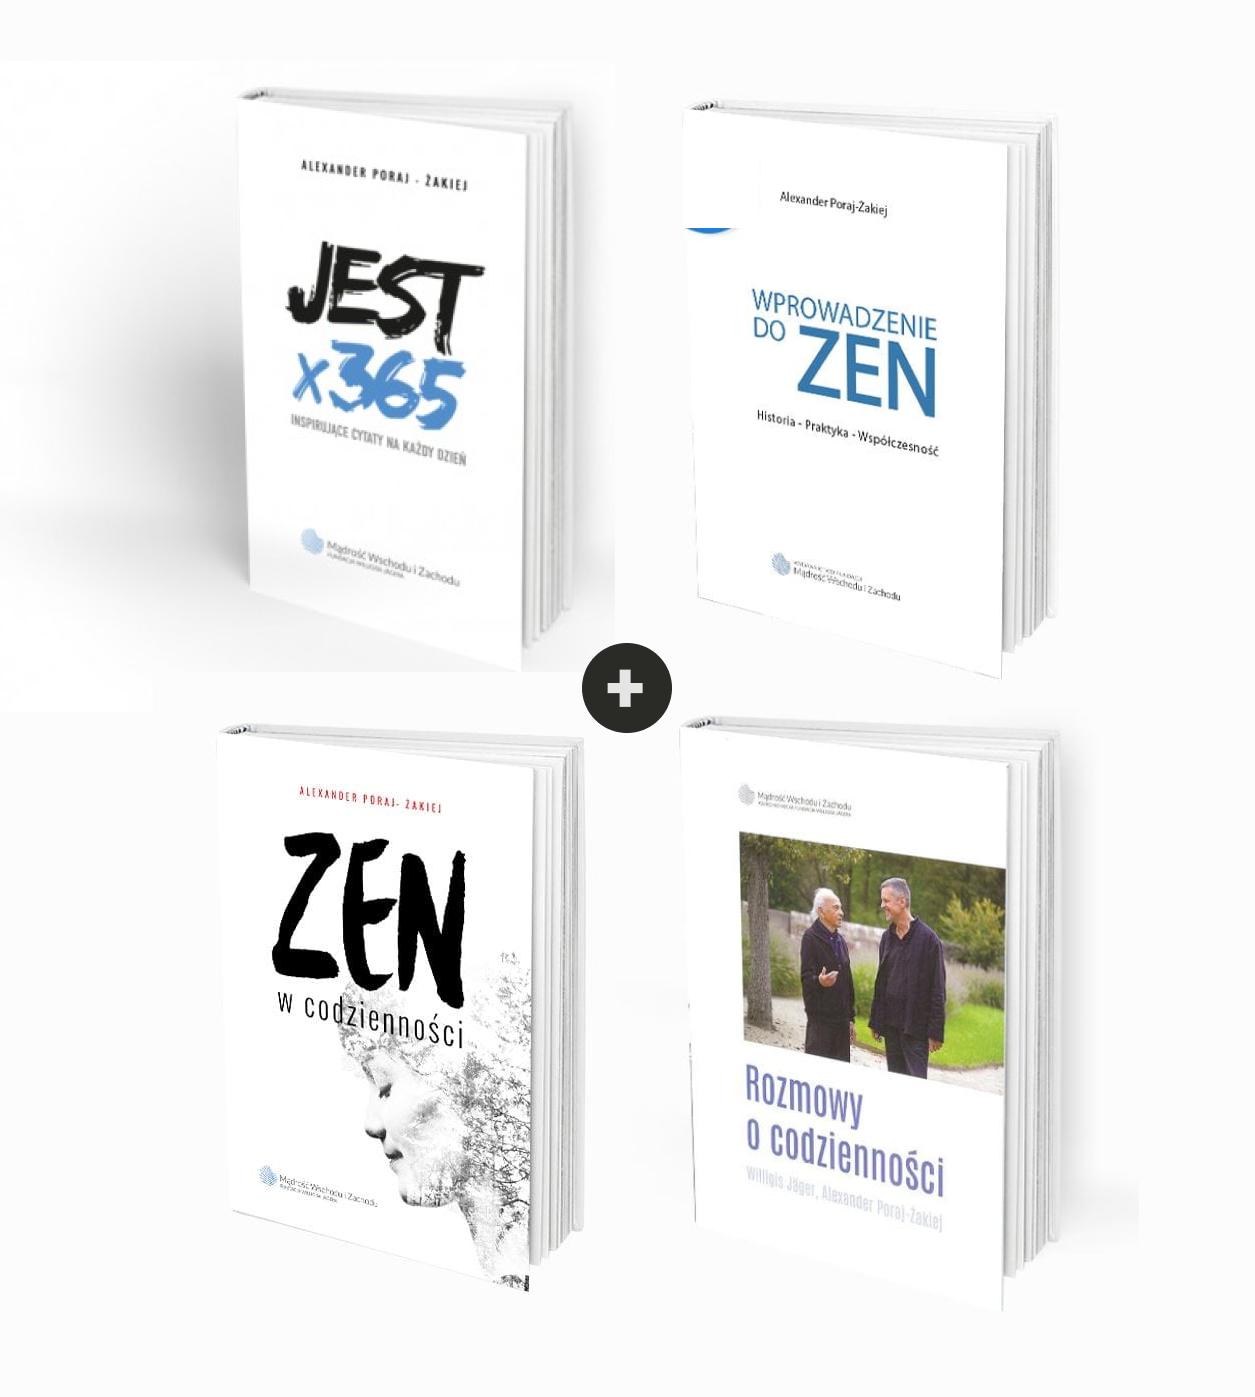 Pakiet książek o ZEN Fundacji: Wprowadzenie do ZEN + Rozmowy o codzienności + Zen w codzienności + JEST x 365